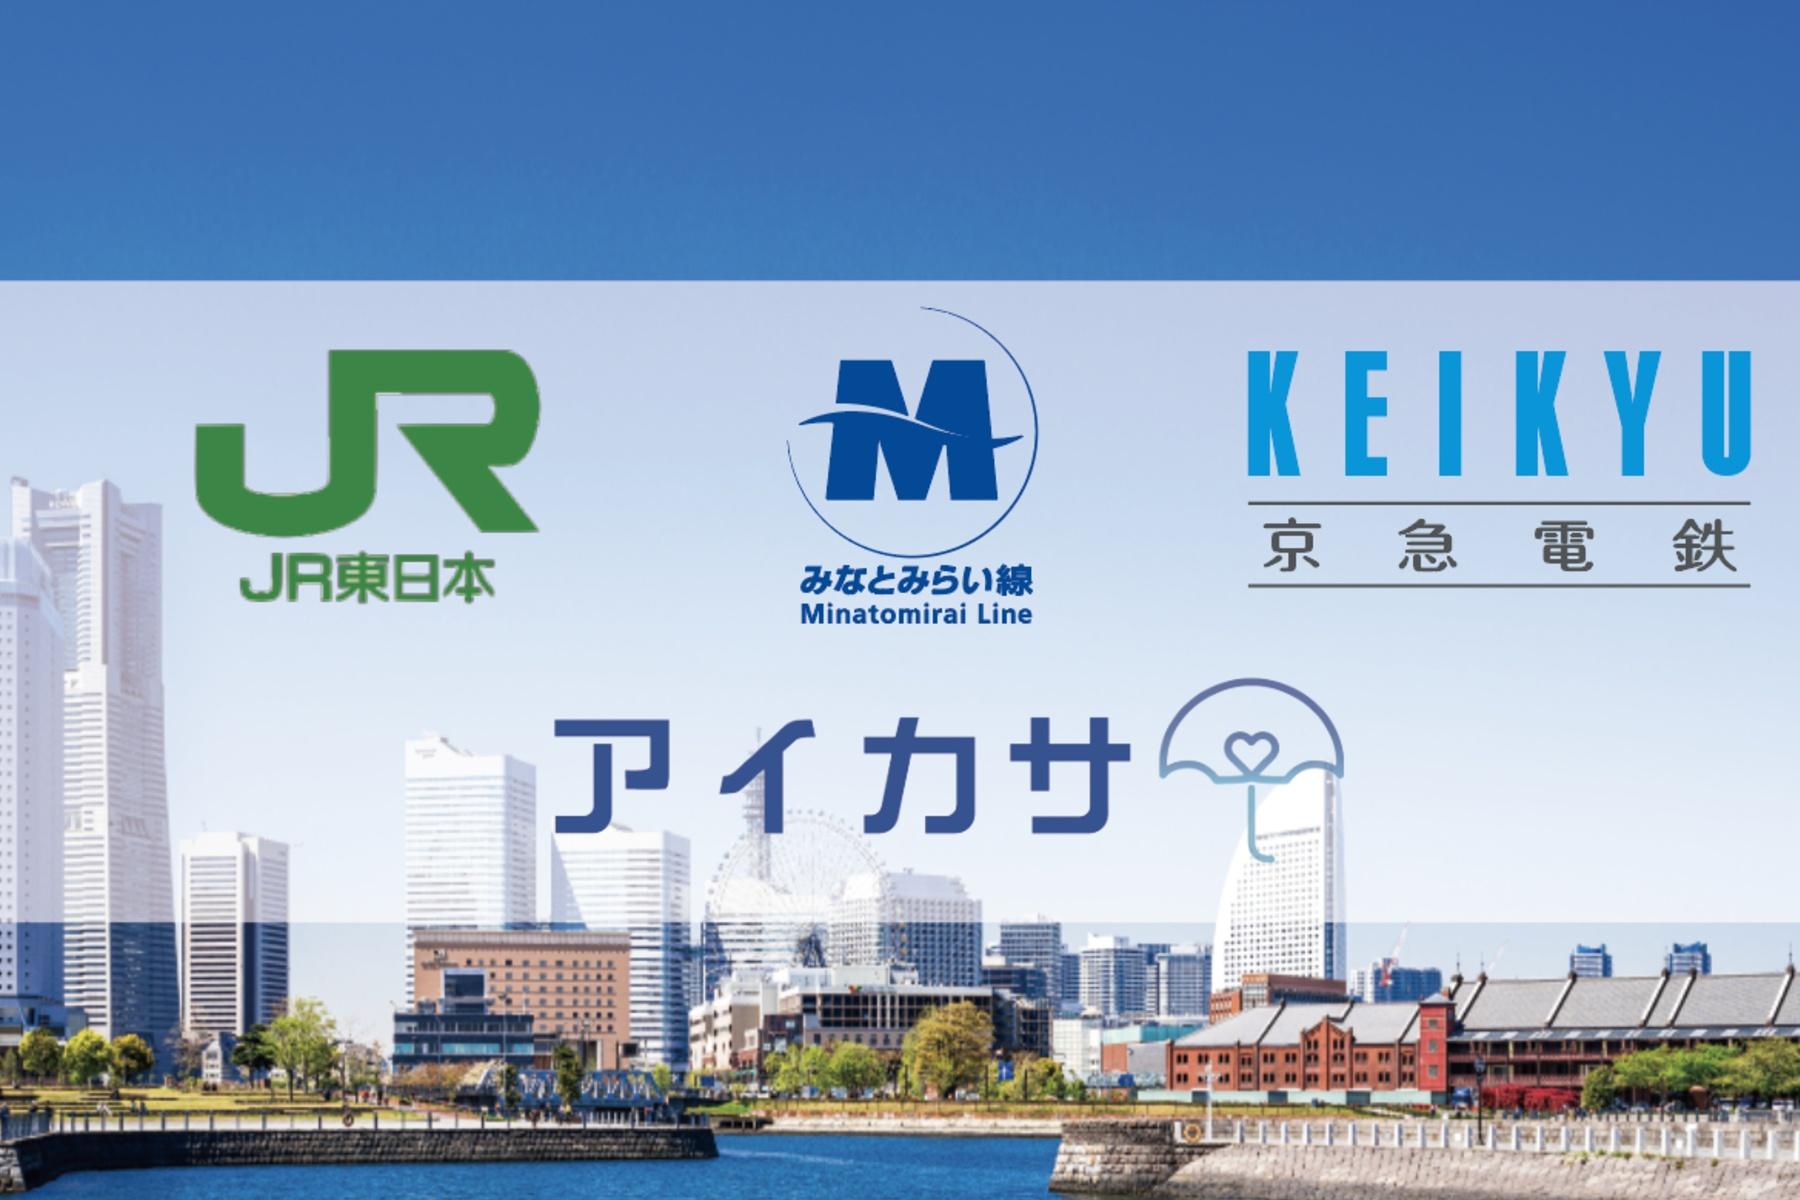 アイカサのNature Innovation Groupと鉄道事業者3社が連携し、横浜で傘のシェアリングサービスを展開